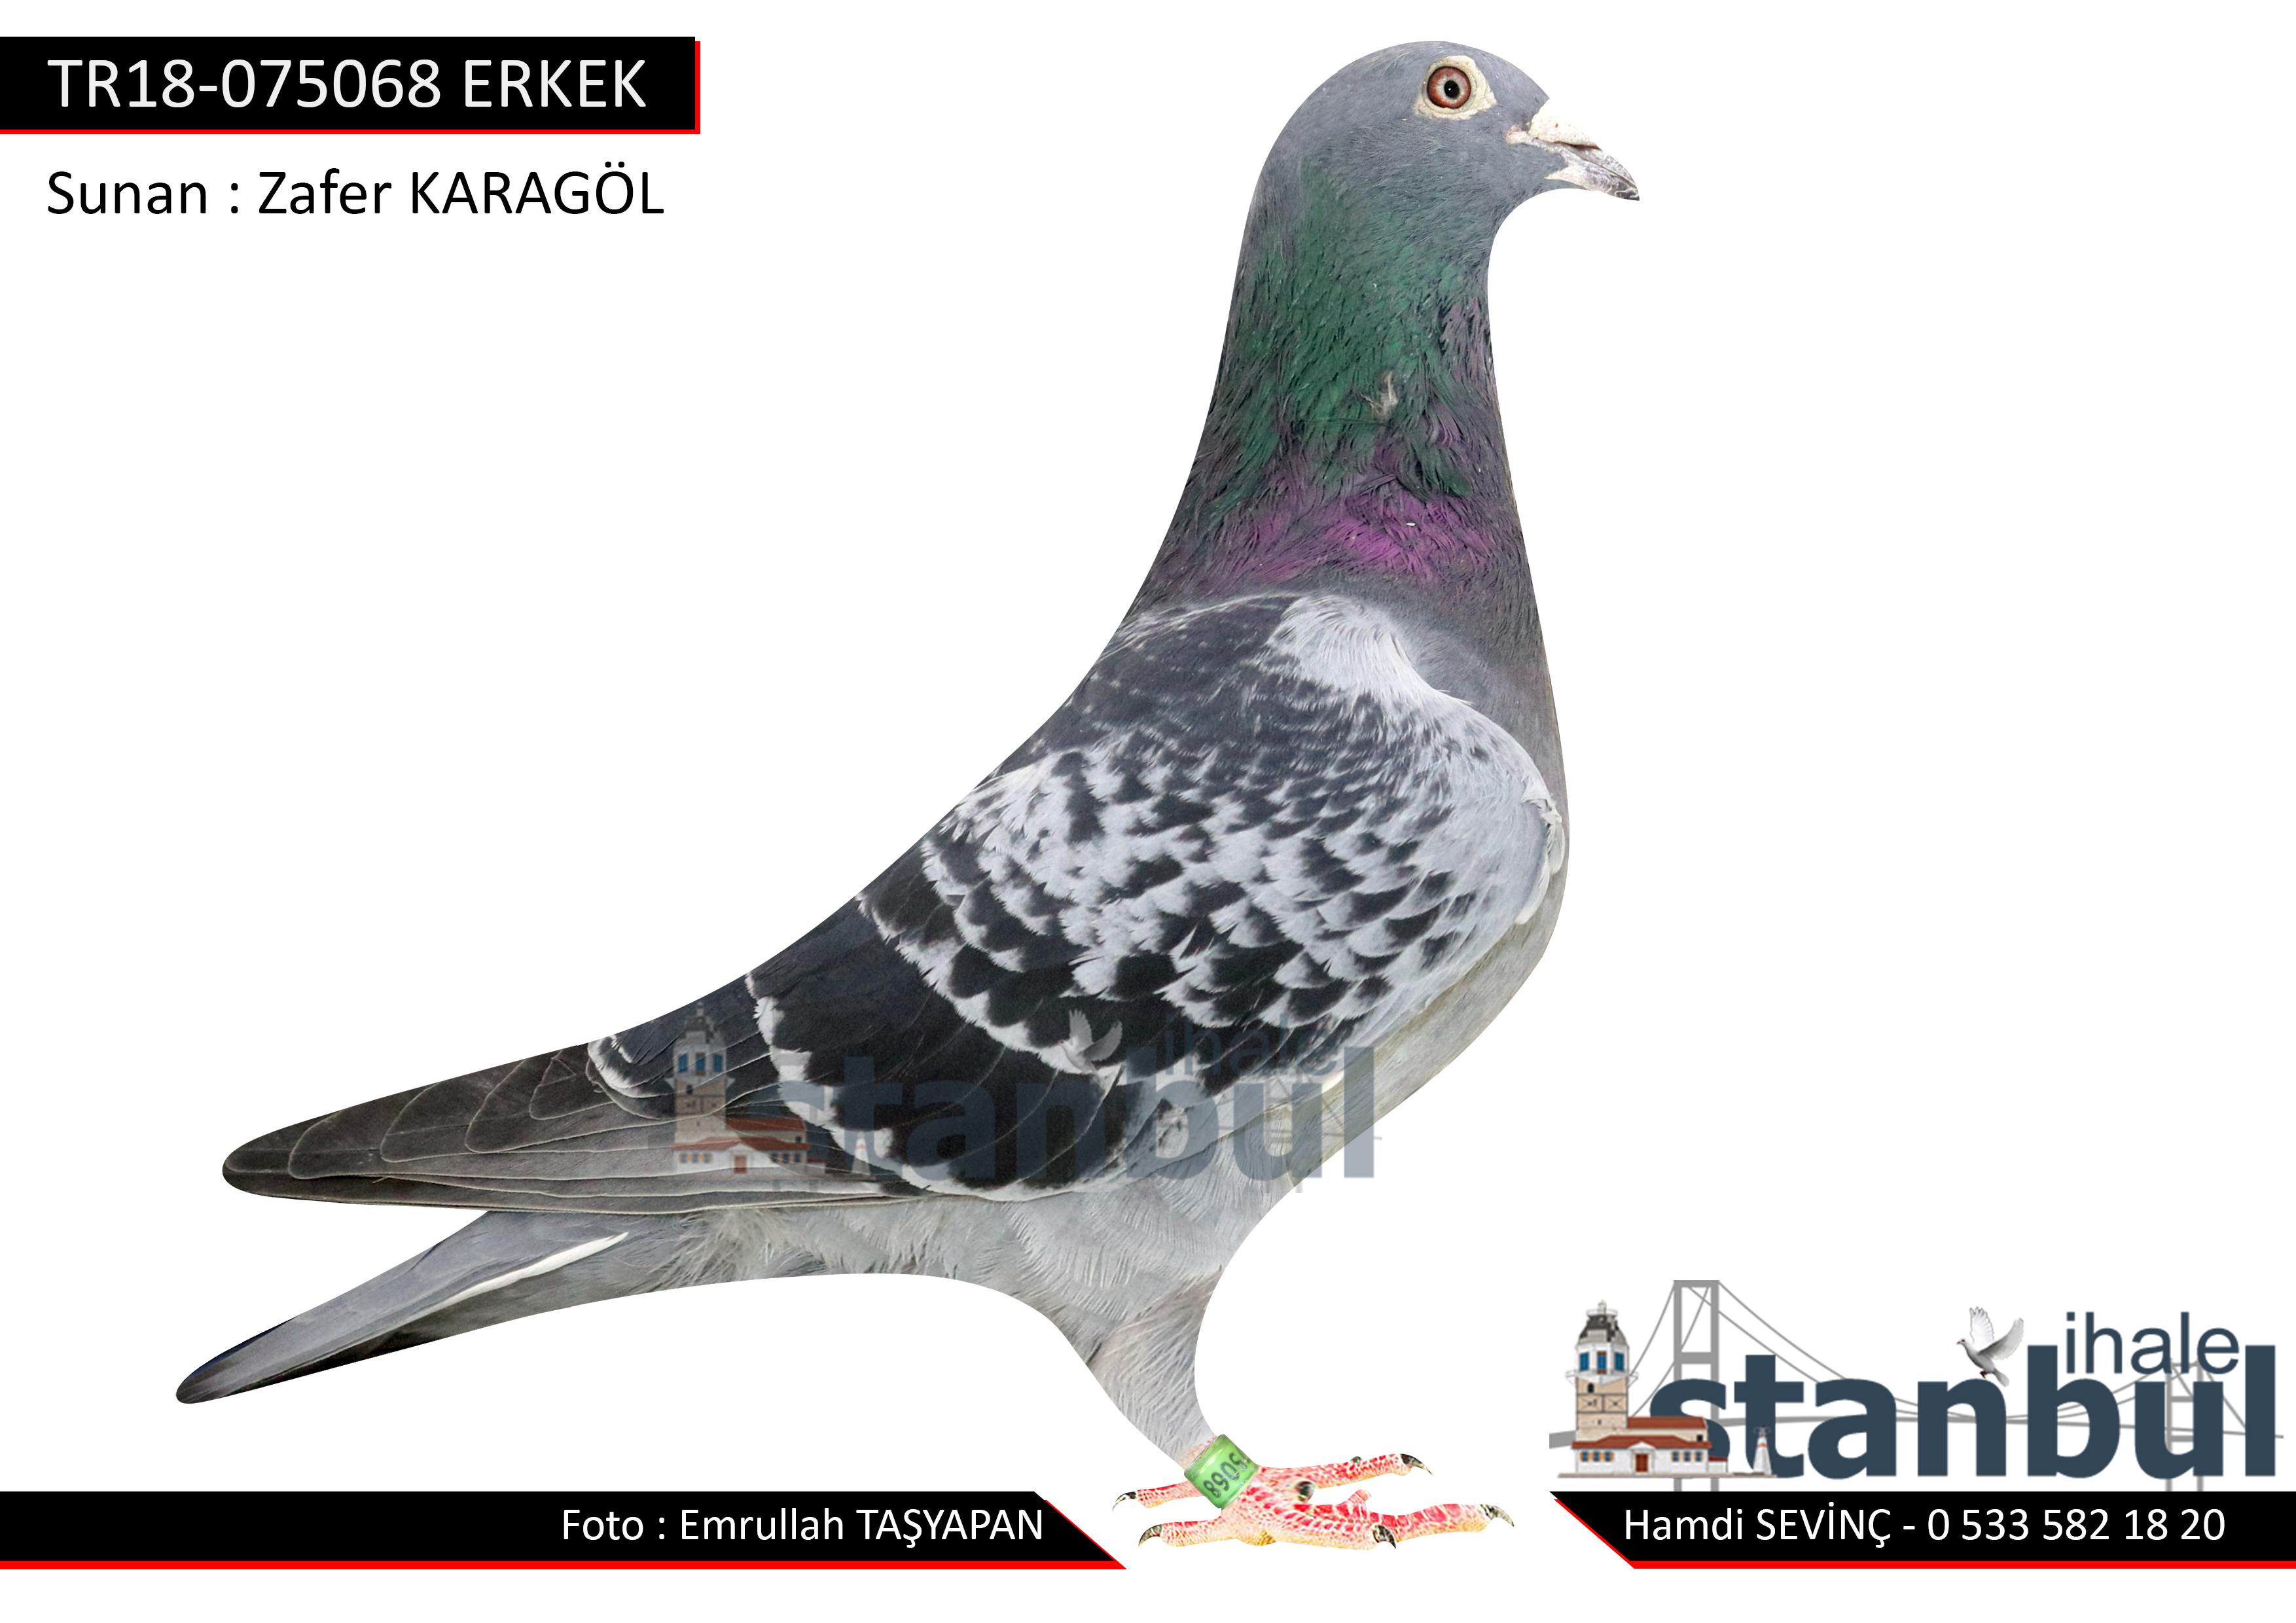 TR18-075068 ERKEK